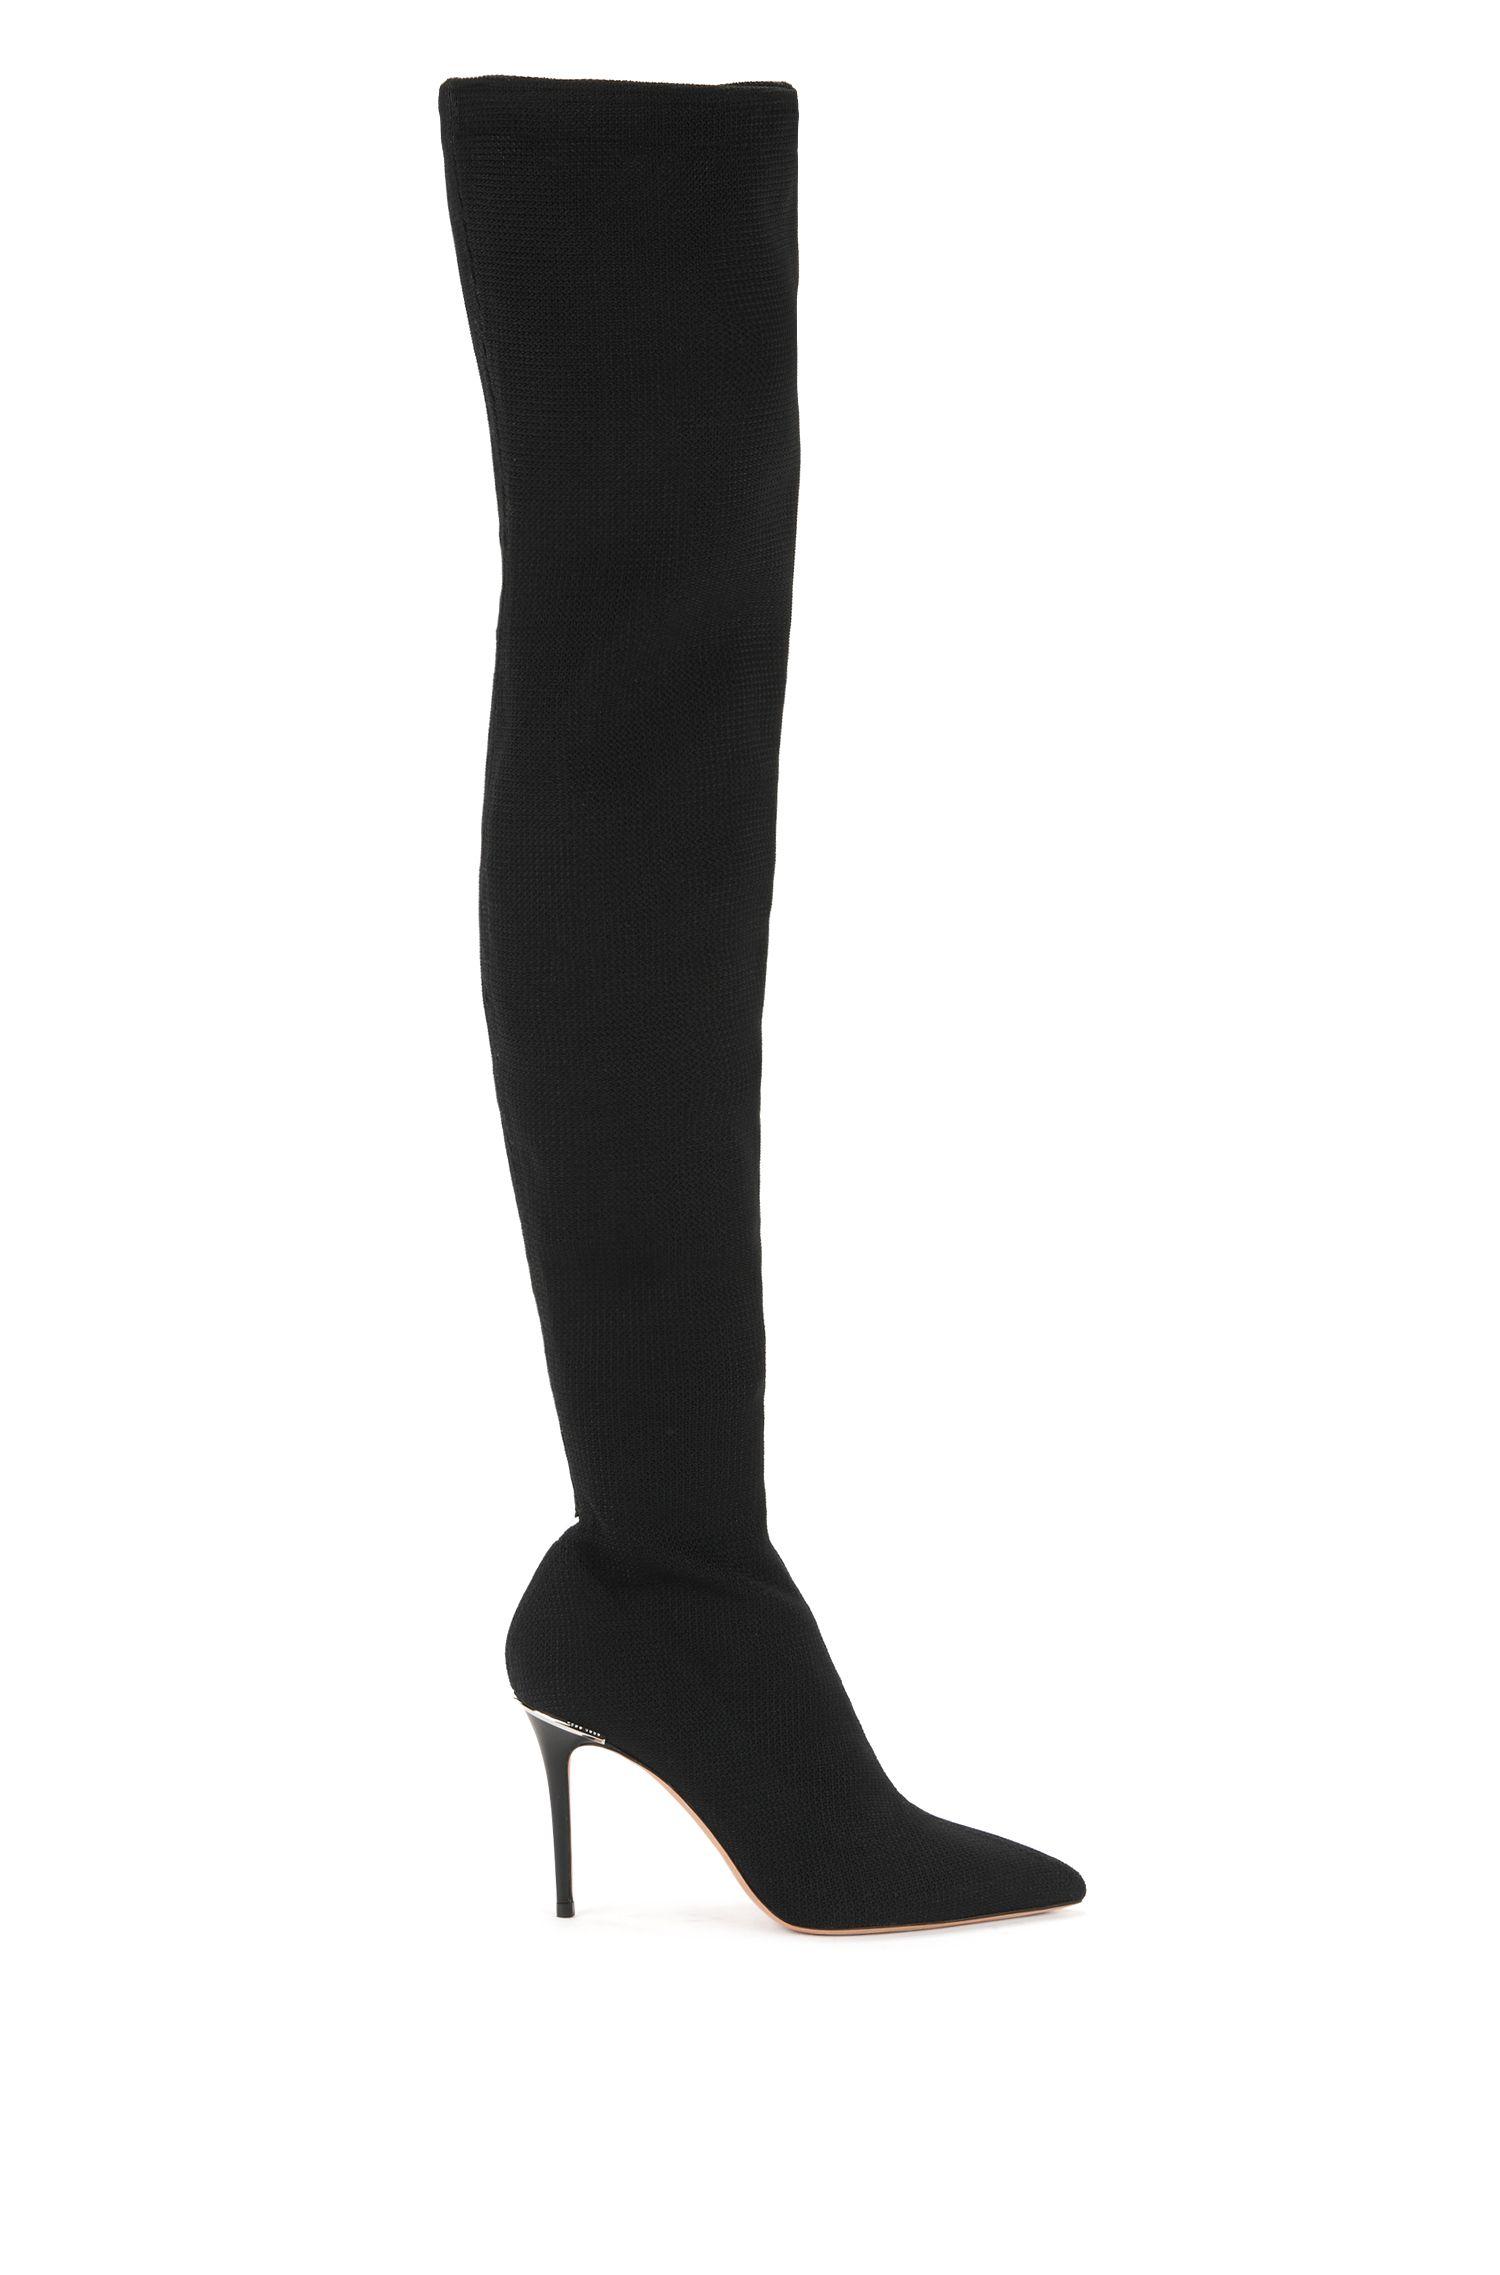 Stivali sopra il ginocchio in tessuto elasticizzato